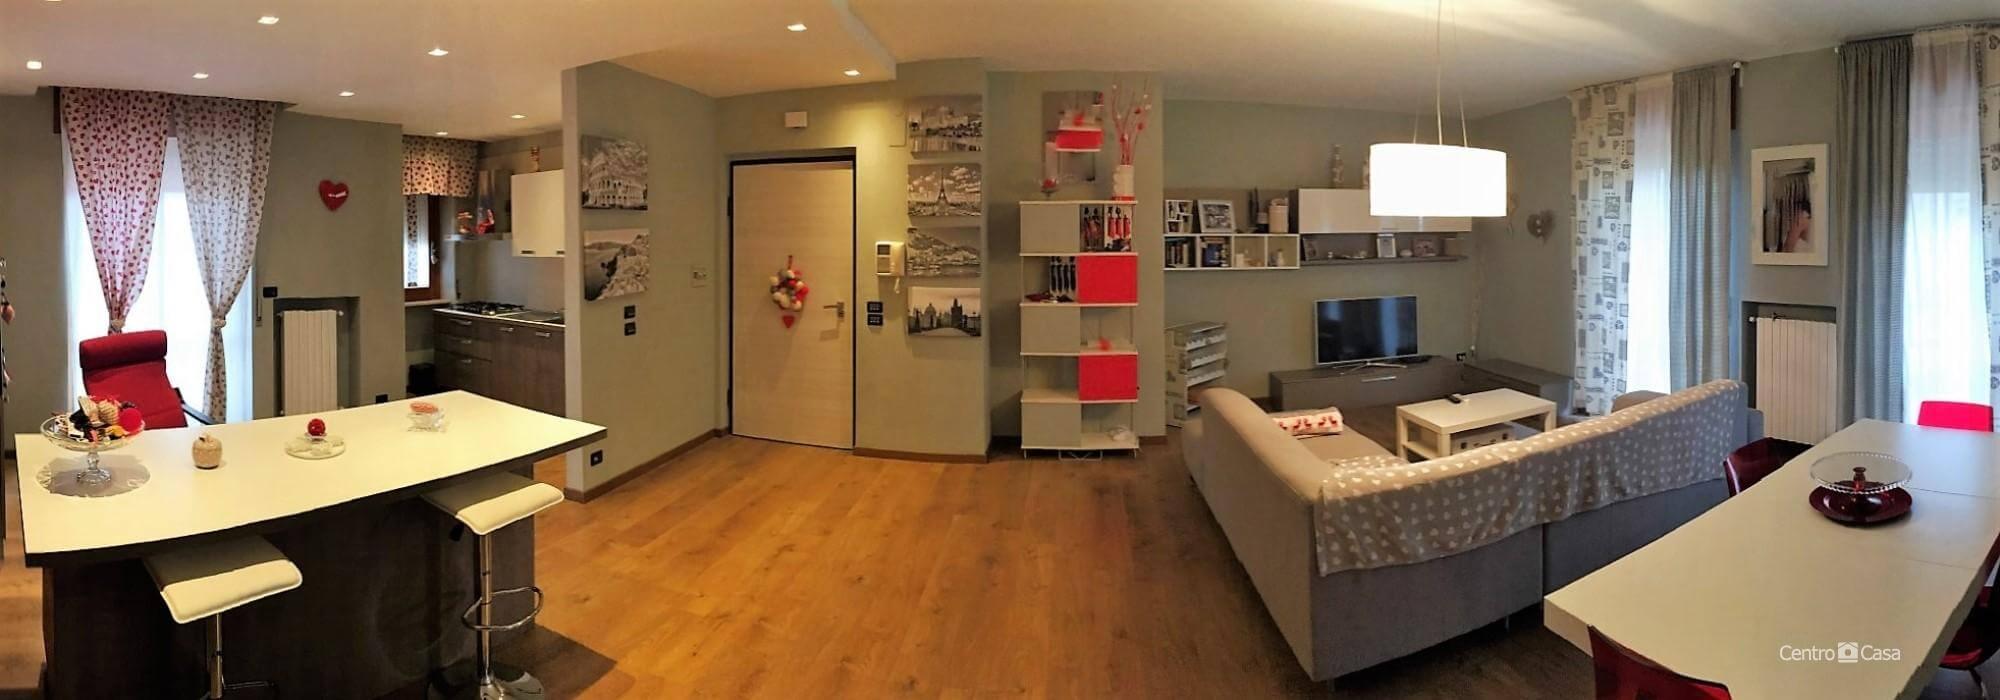 Appartamento via del Perugino